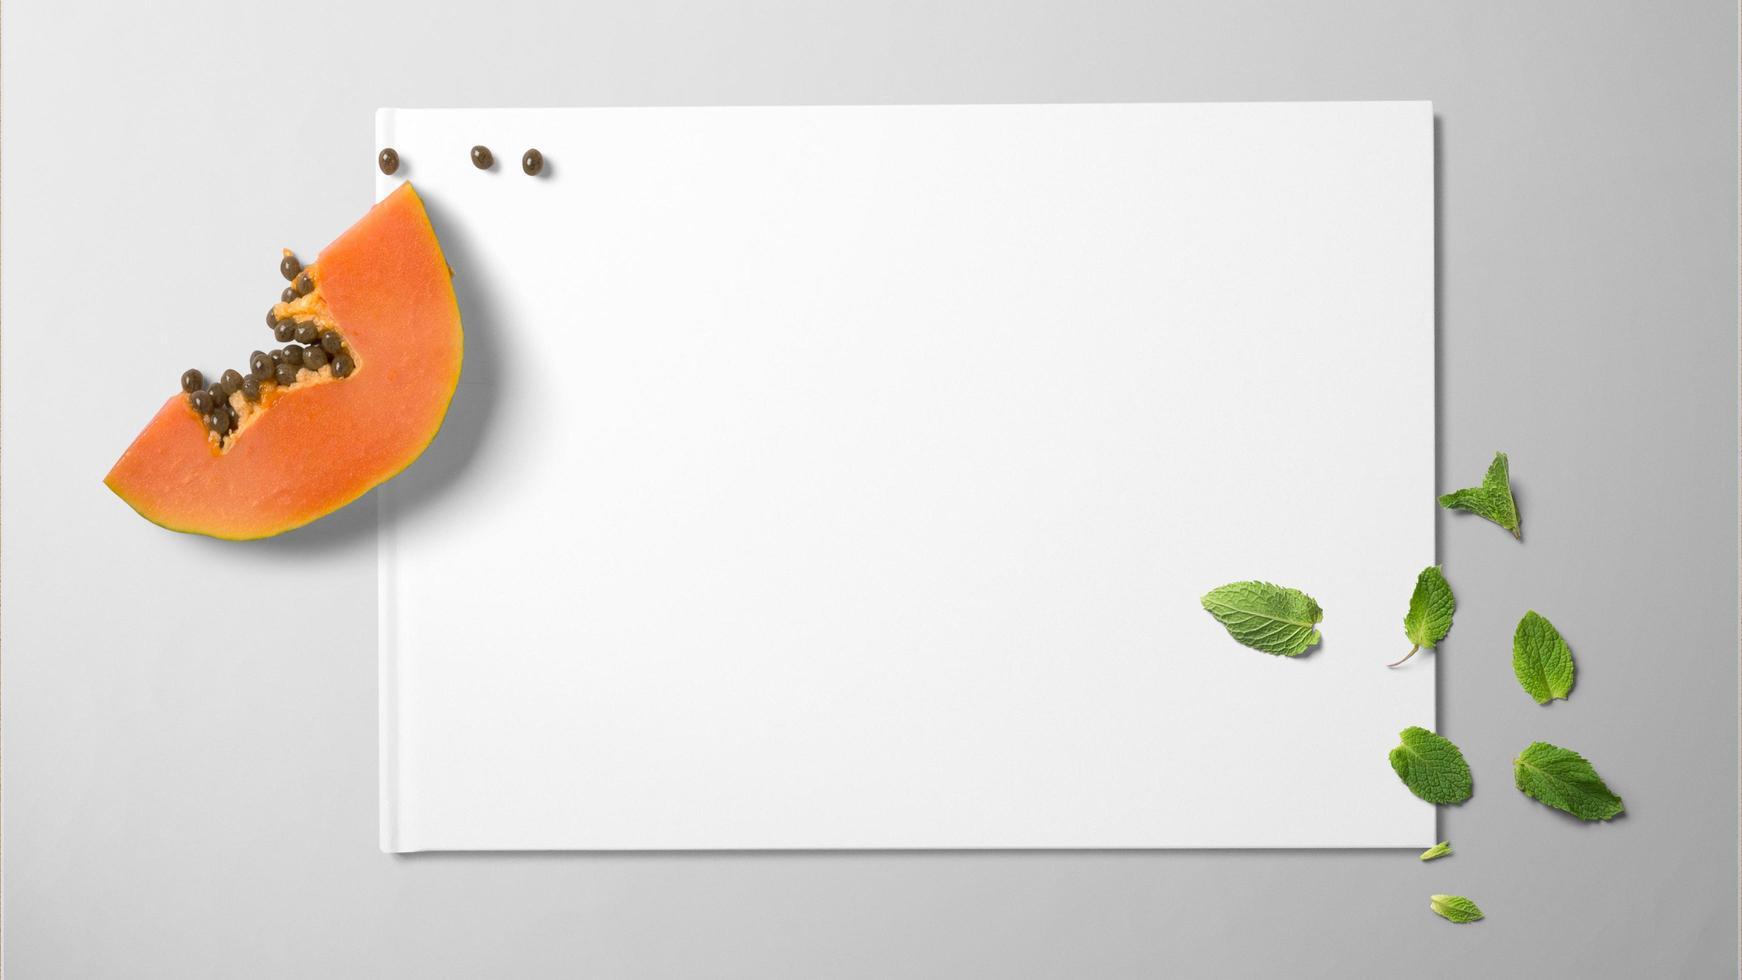 papaya och mynta på vitbok på isolerad bakgrund foto